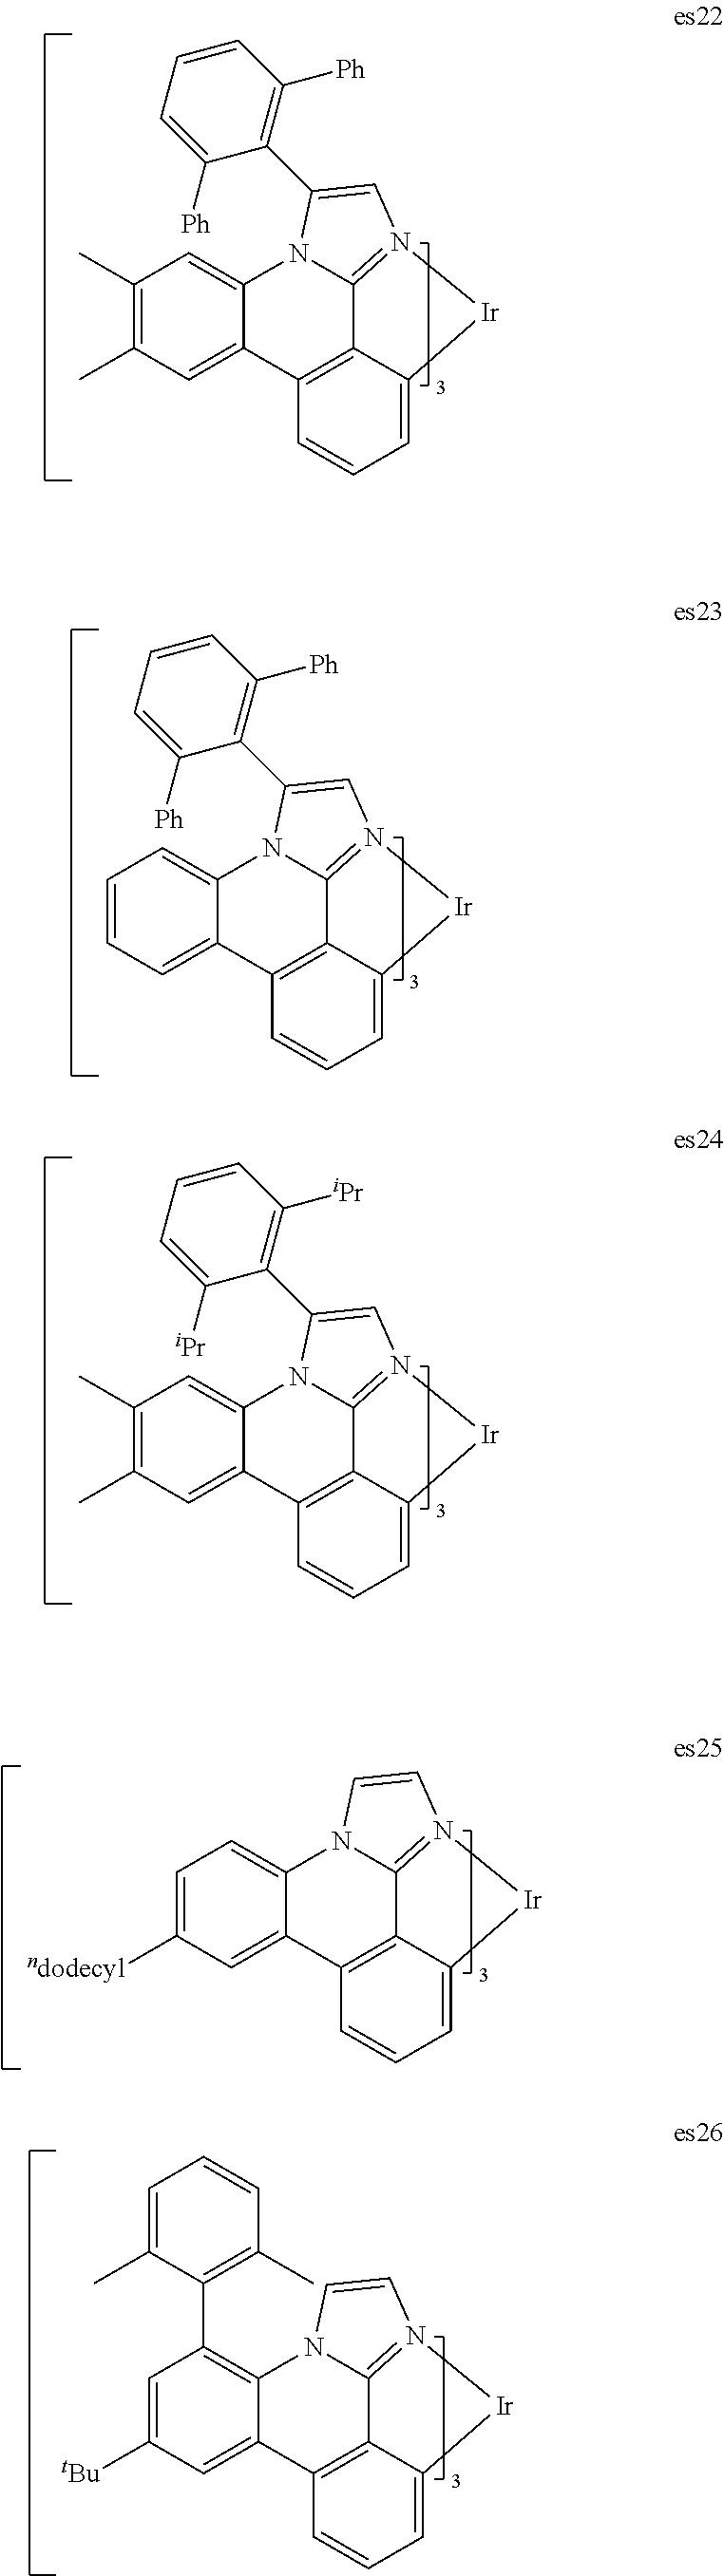 Figure US20110073849A1-20110331-C00014